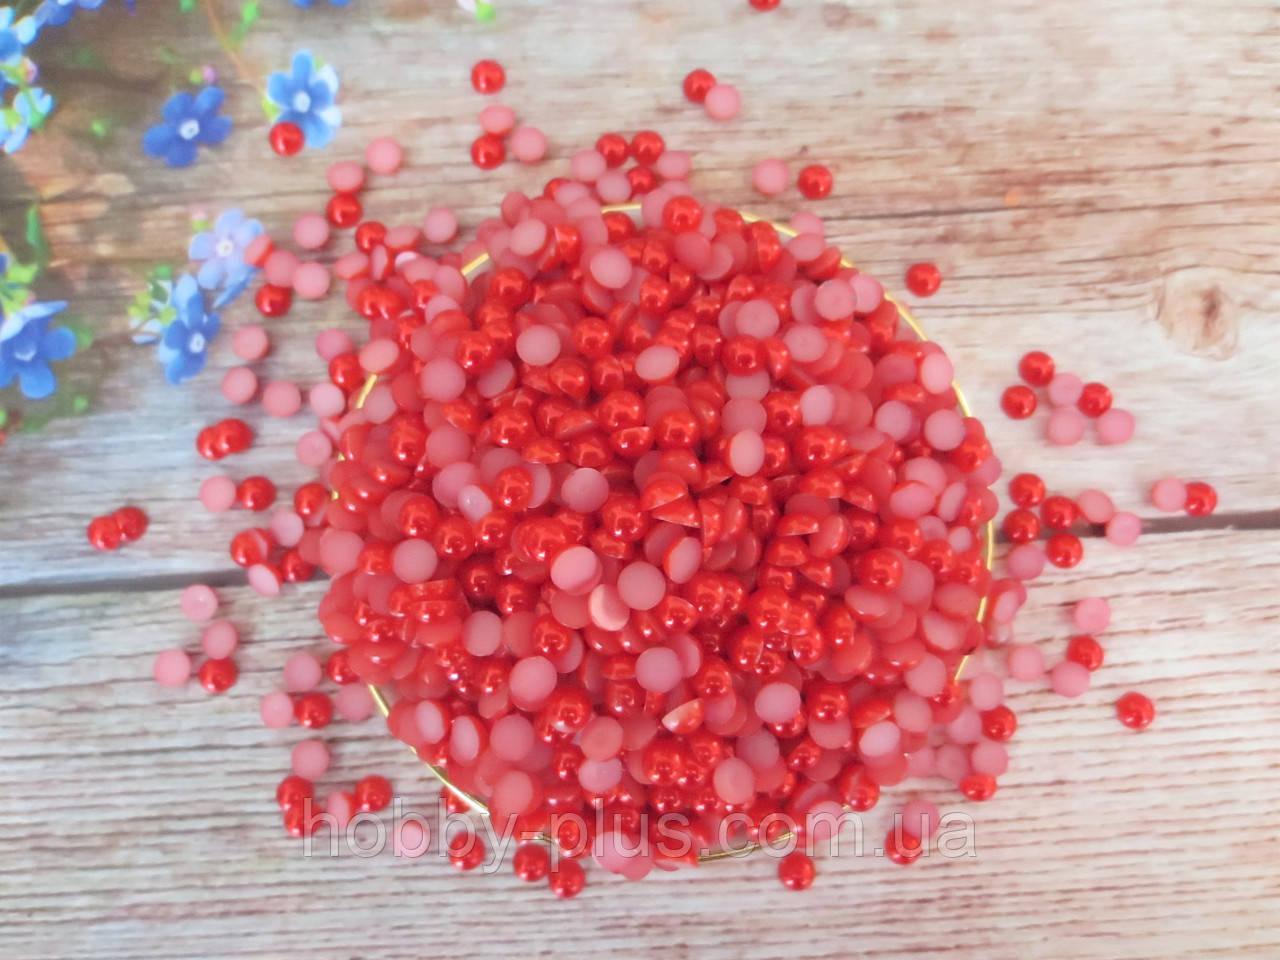 Полубусины перламутровые, 6 мм, цвет красный, 5 грамм (80-90 шт)